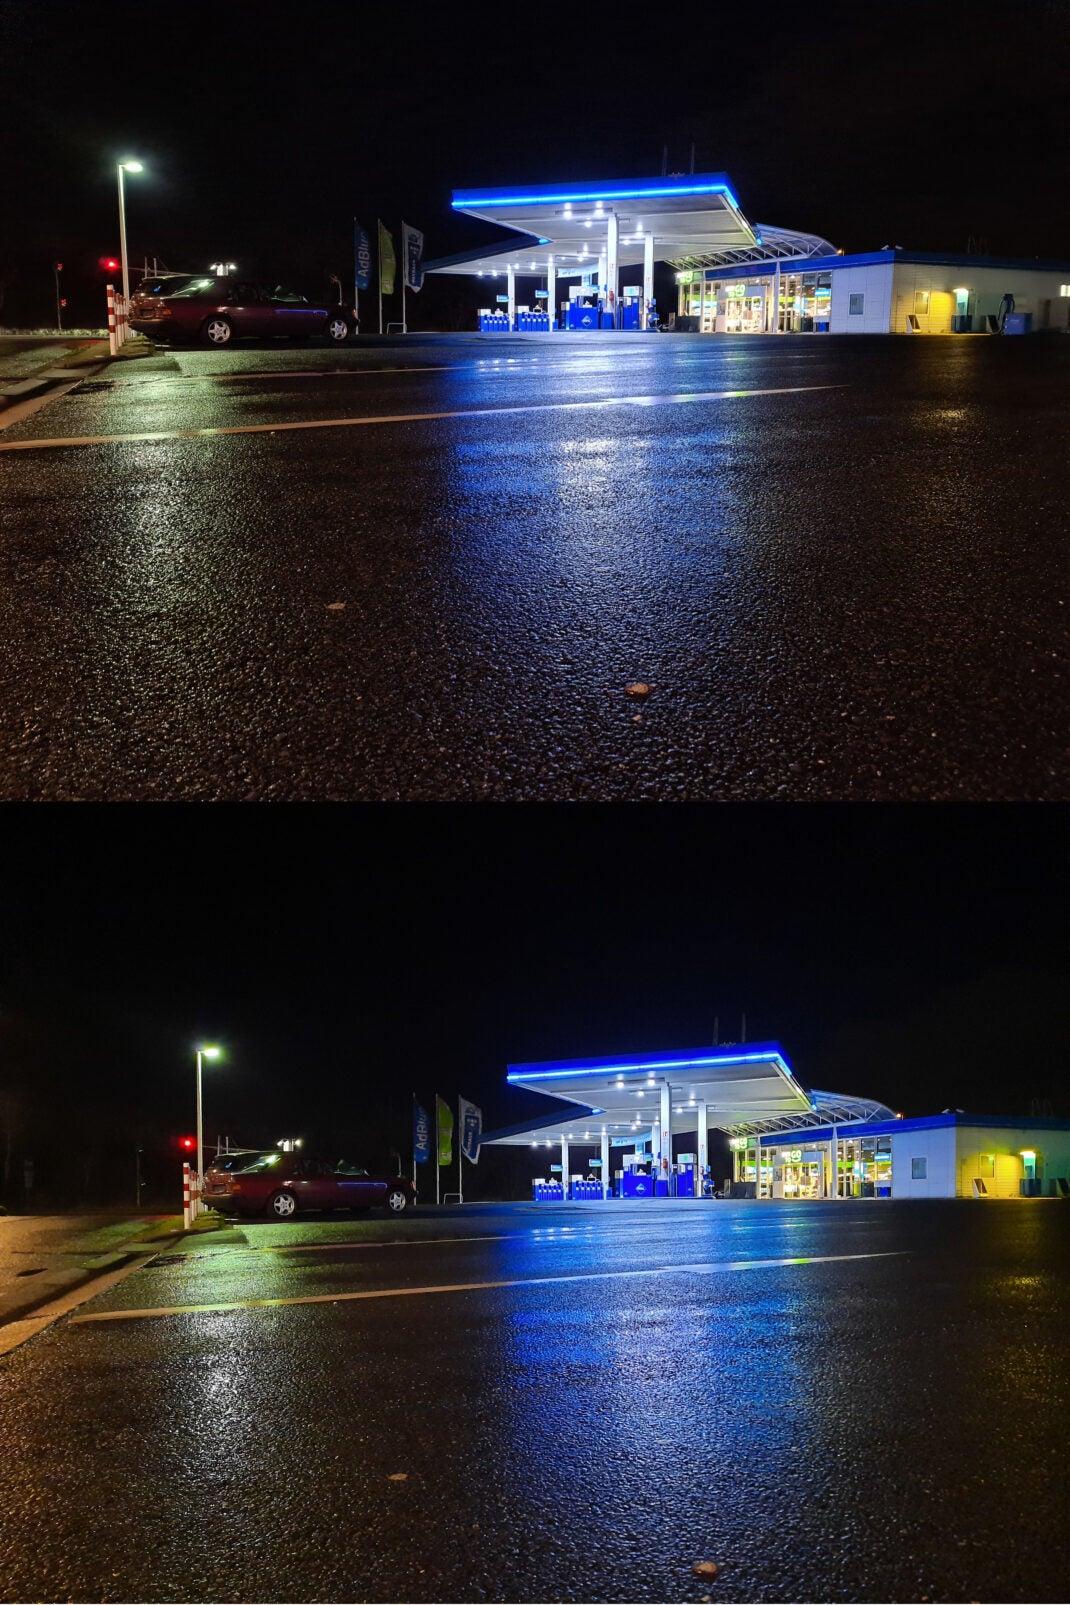 Foto-Vergleich zwischen dem Galaxy S20 Ultra (oben) und dem Galaxy A51 (unten)